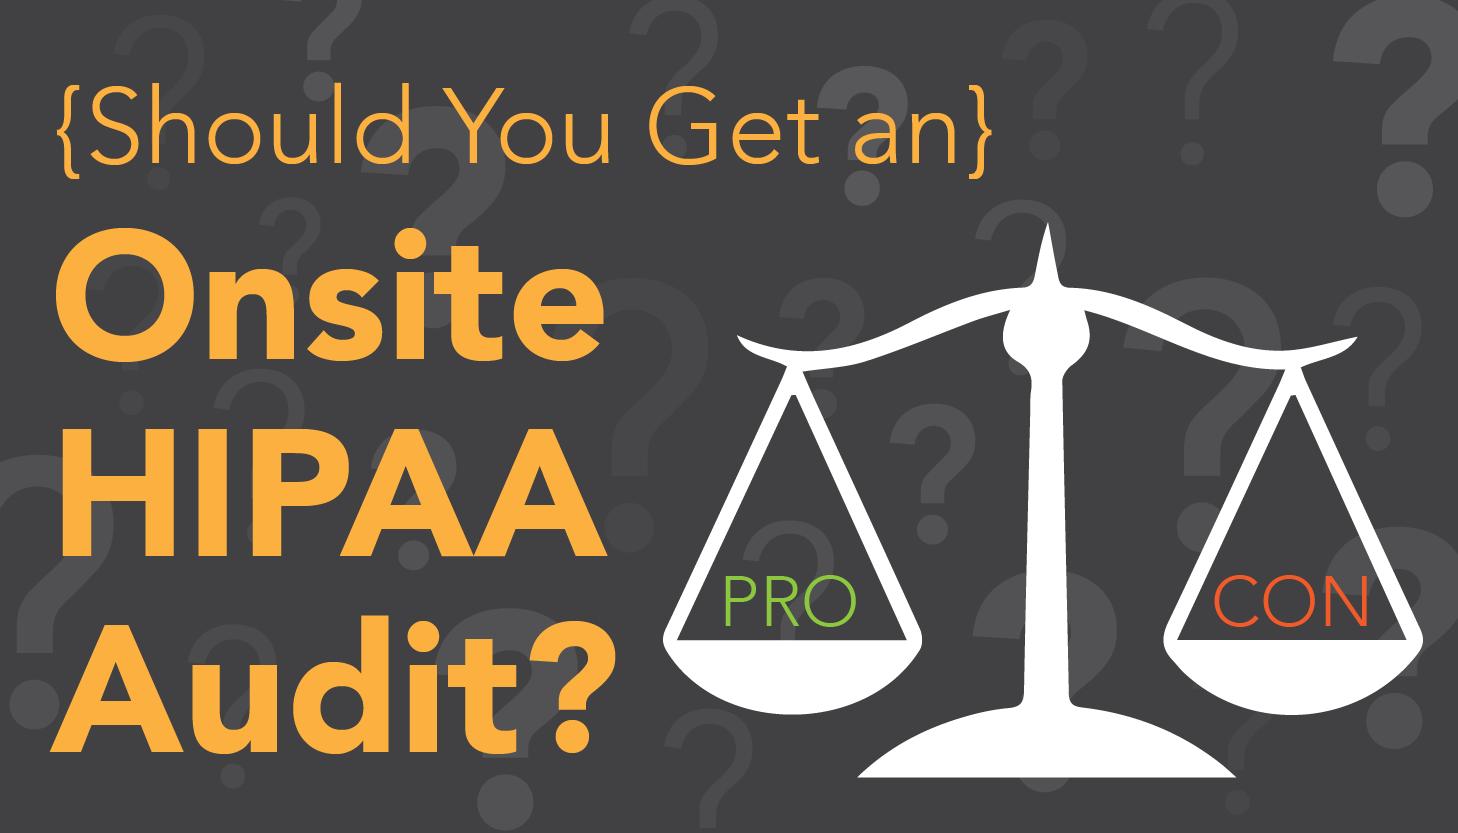 HIPAA audits, HIPAA audit protocol